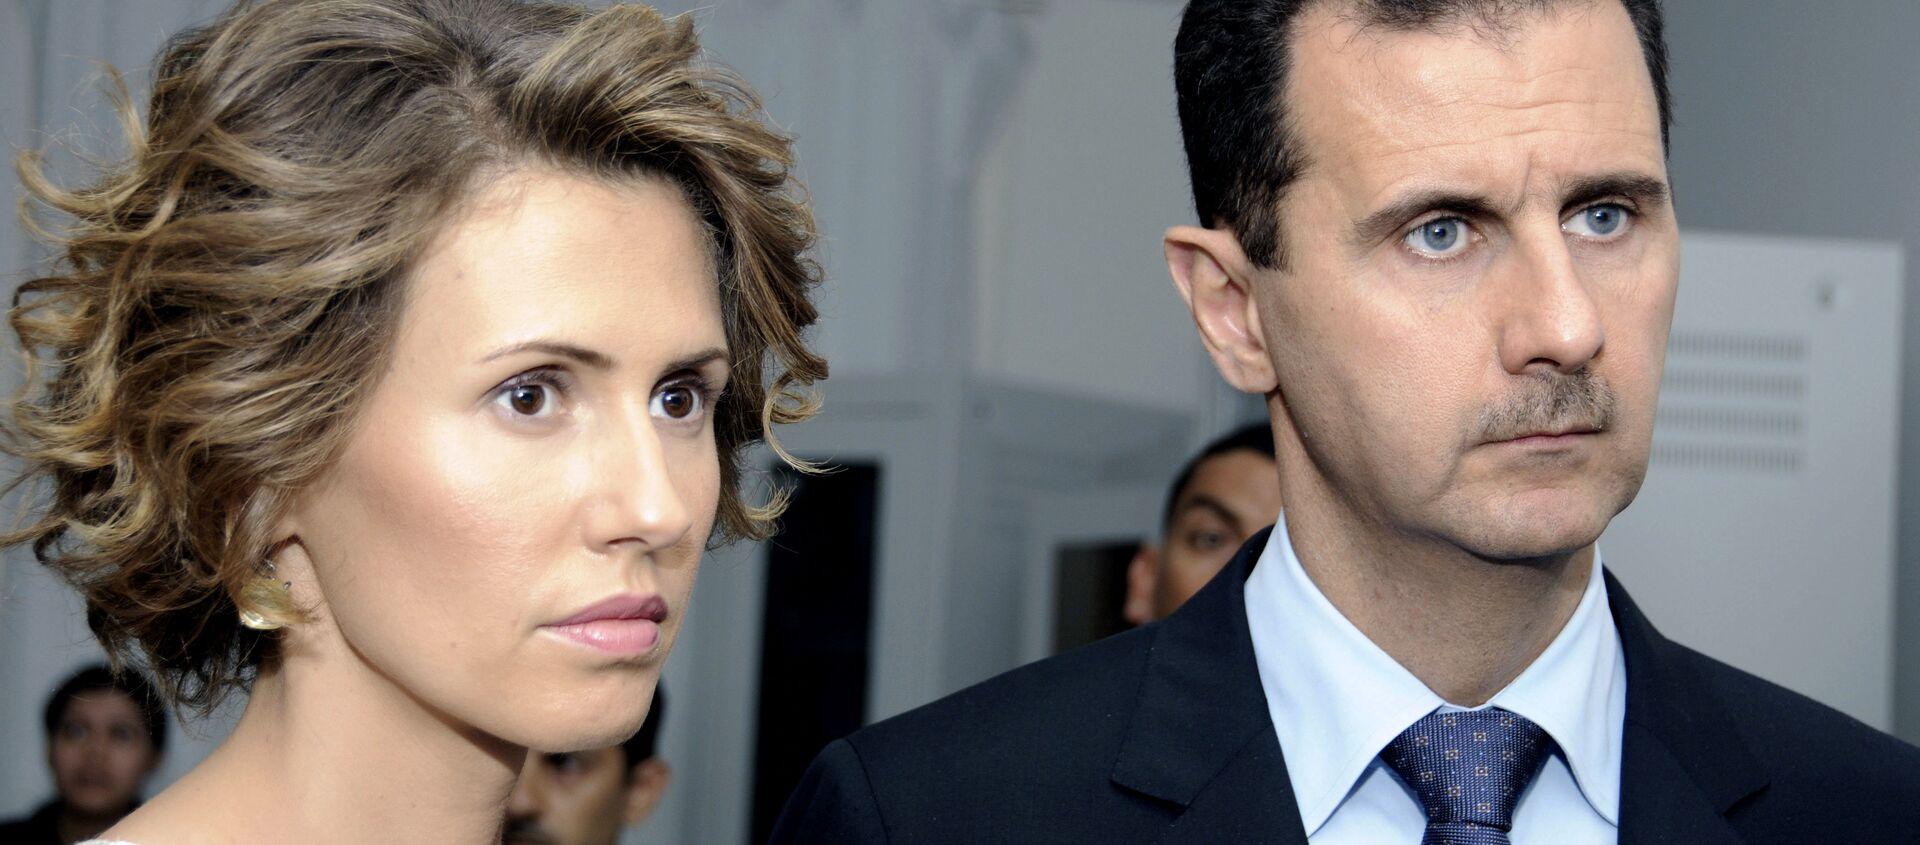 Asma Asad, primera dama siria, al lado de su marido, el presidente Bashar Asad - Sputnik Mundo, 1920, 17.06.2020